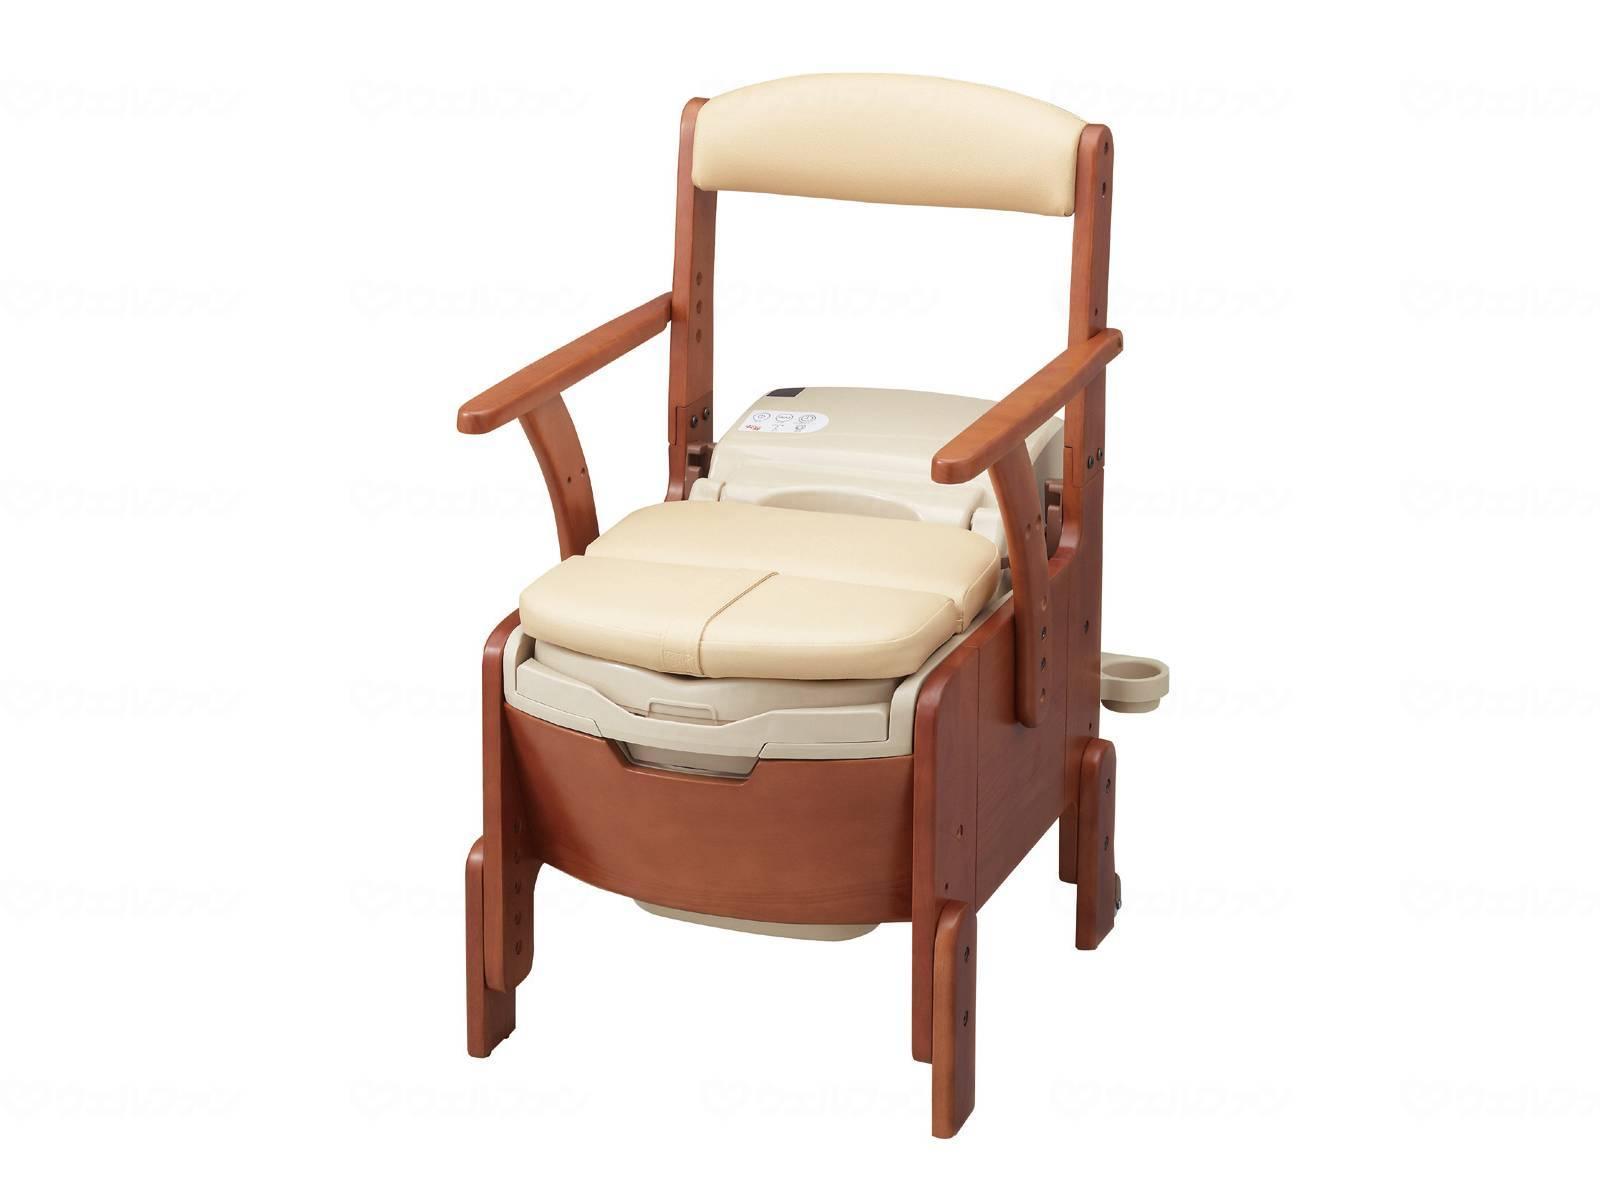 家具調トイレ AR-SA1 ライト シャワピタ ノーマルの画像